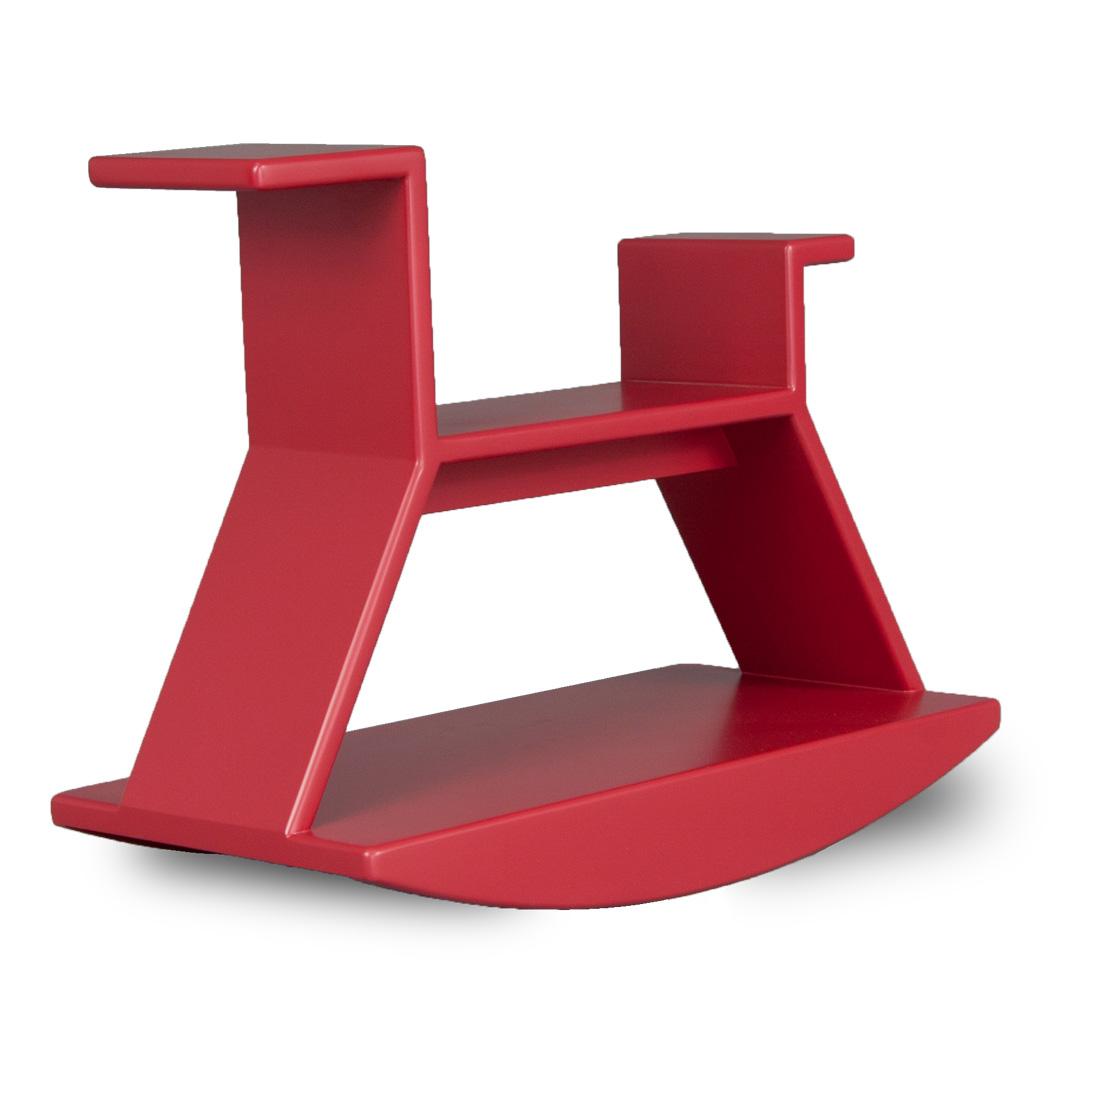 das schaukelpferd rocking horse vom berliner designb ro j i m aus rot lackiertem schichtholz. Black Bedroom Furniture Sets. Home Design Ideas